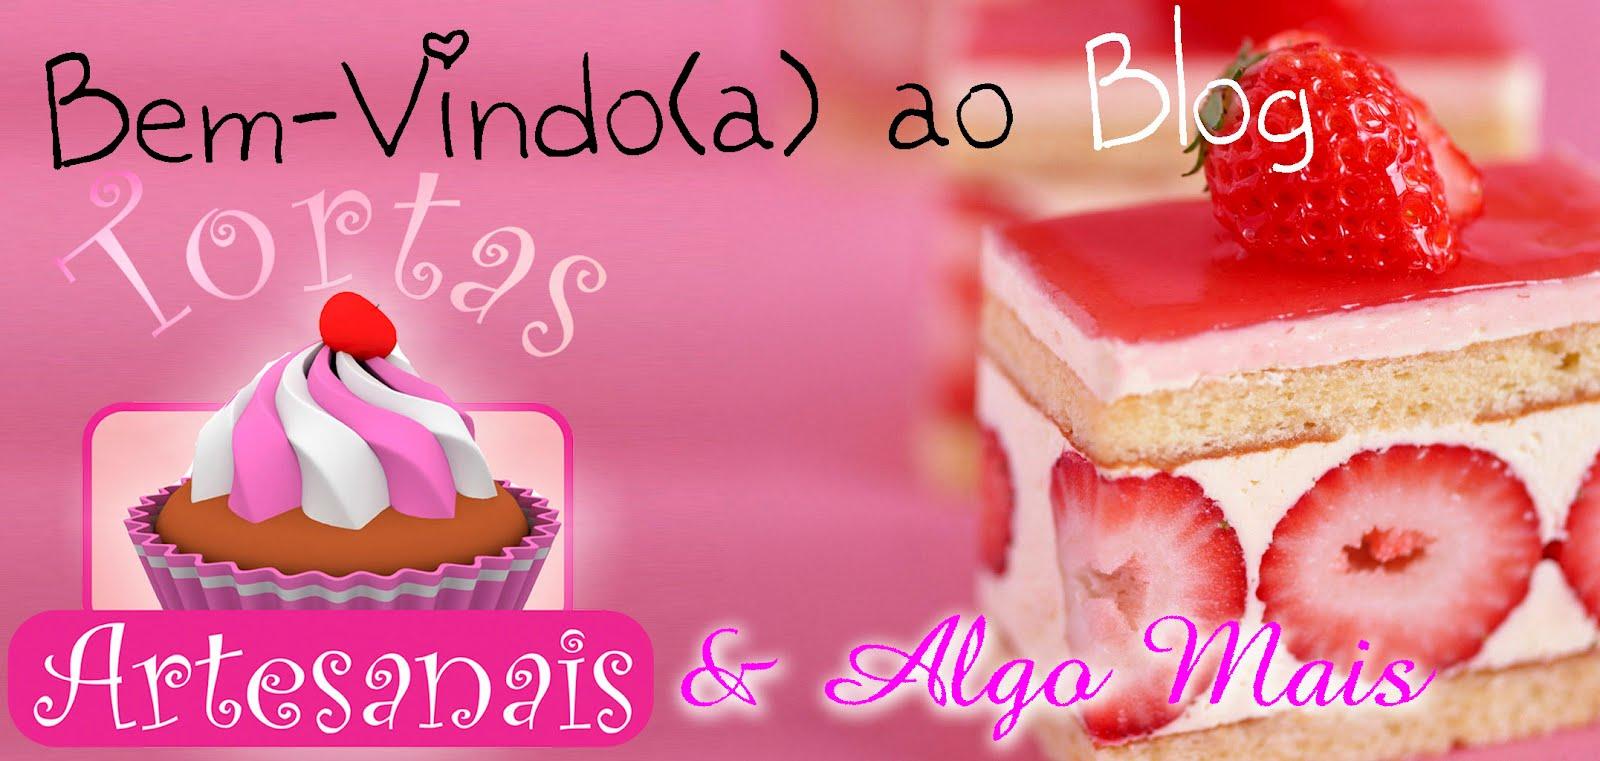 Tortas Artesanais & Algo Mais...